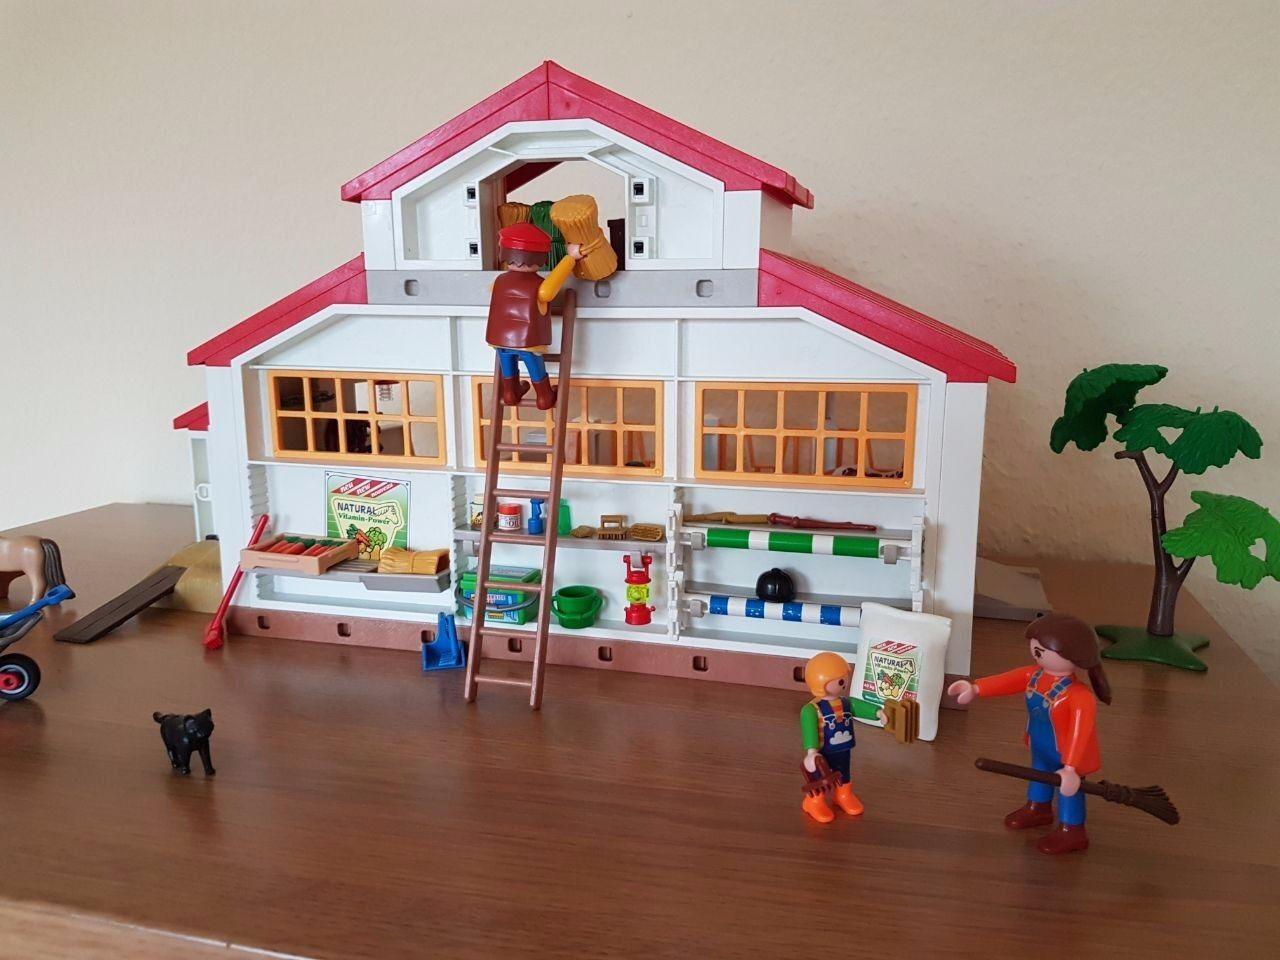 Playmobil Großes Puppenhaus Bauanleitung Aufbauanleitung